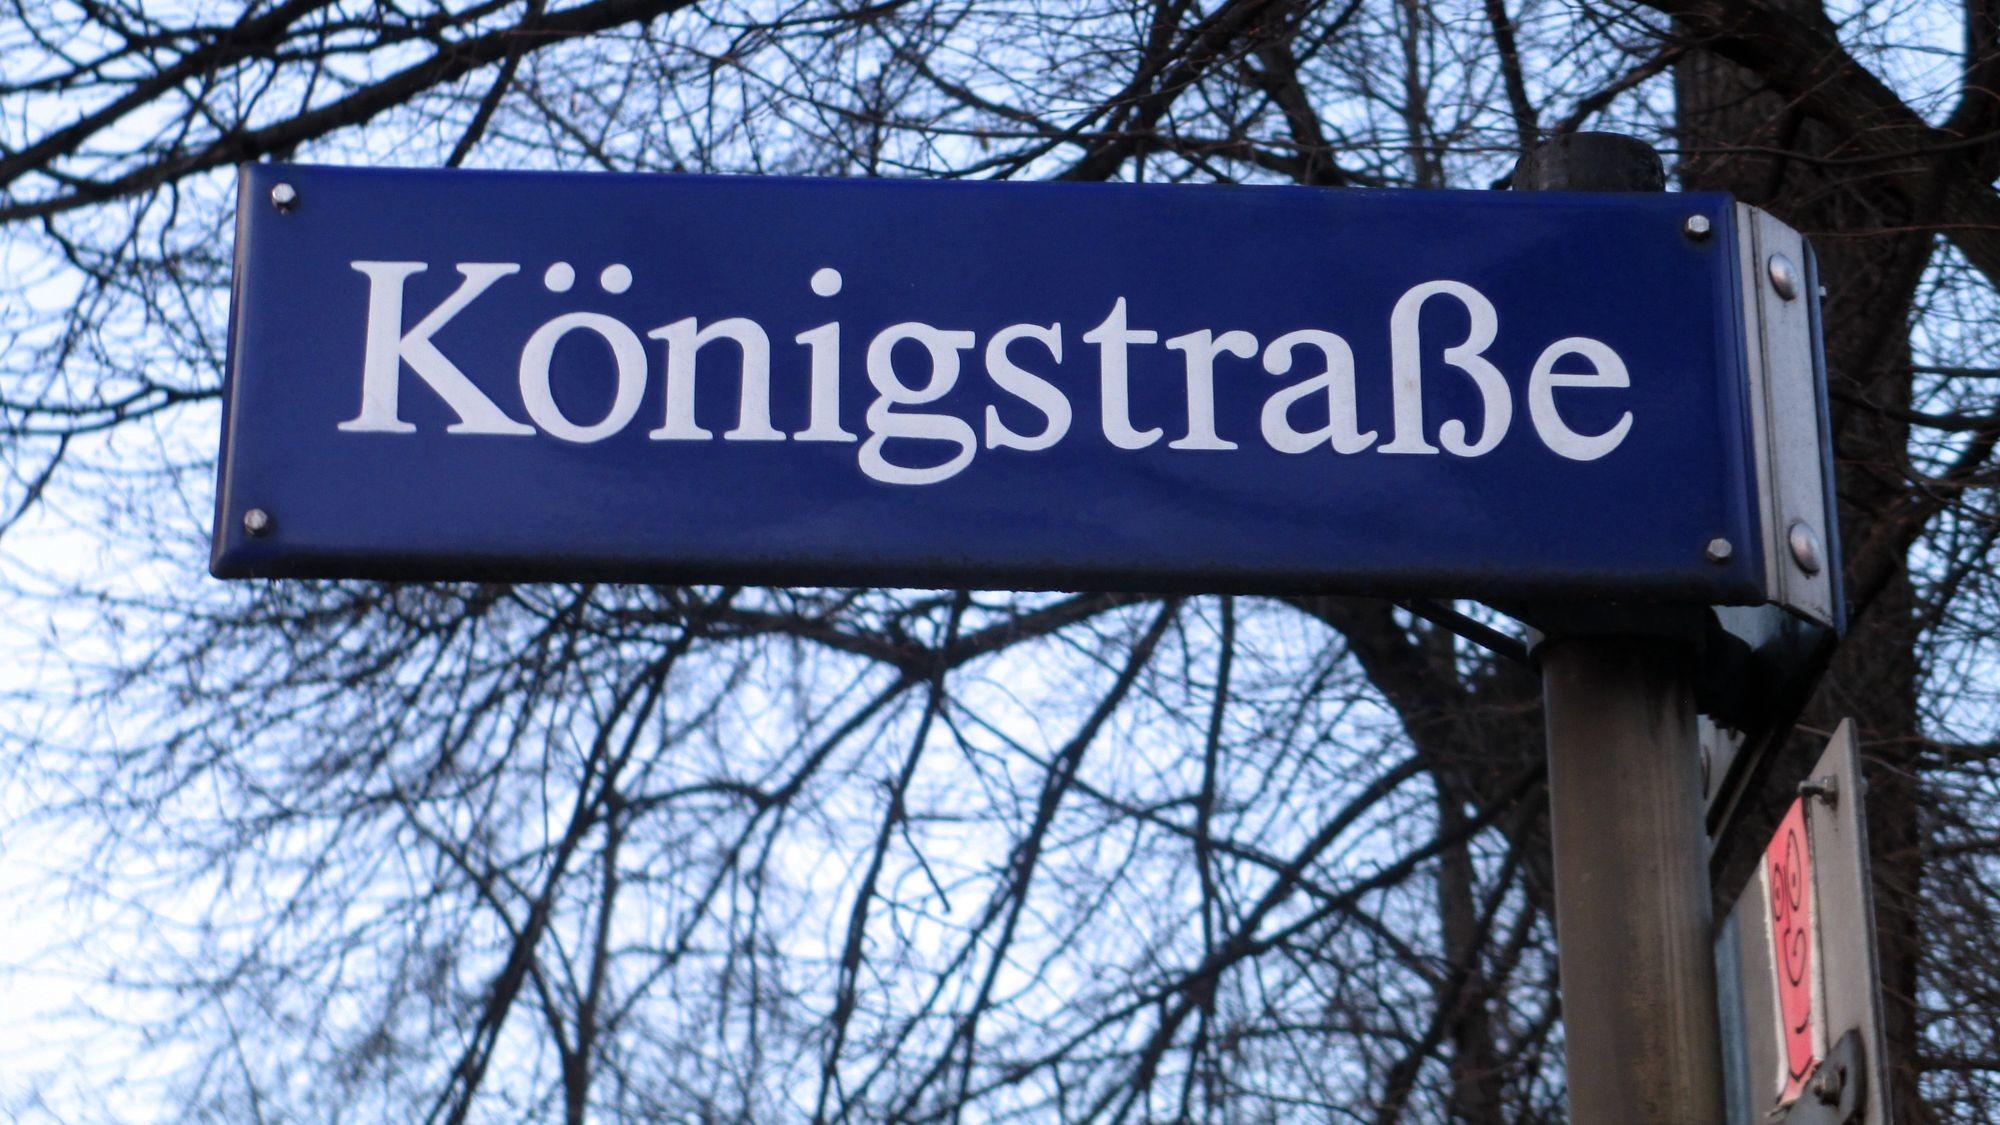 Die Königstraße als barockes Prachtviertel von August dem Starken befohlen.